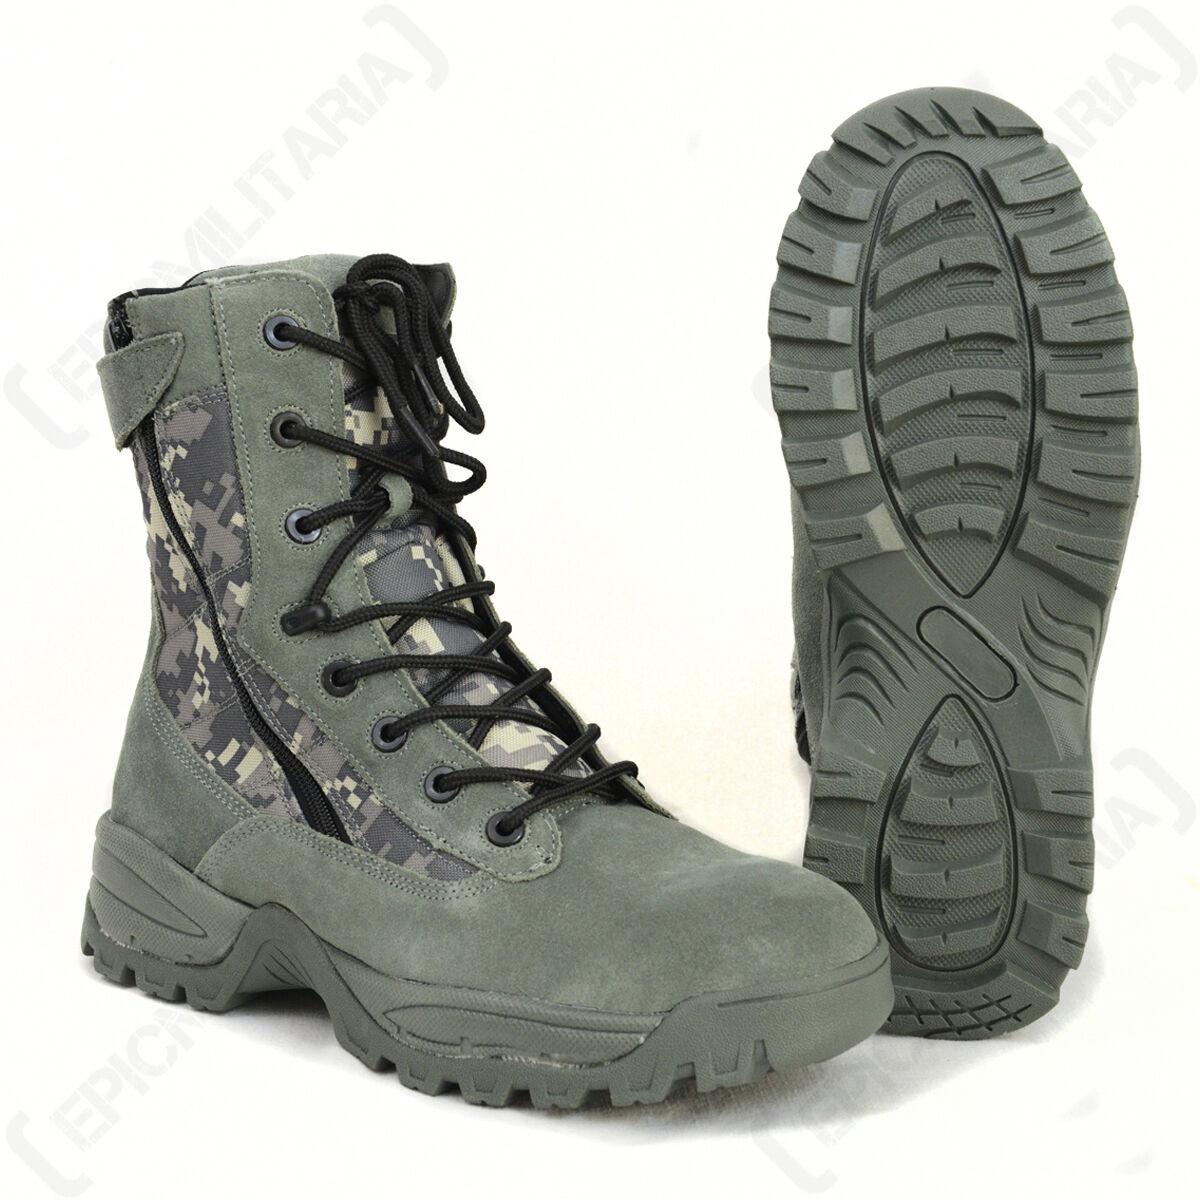 Digital Camuflaje Táctico Ejército botas Zapatos De Invierno - 2 cremalleras militar Todas las Tallas Nuevo